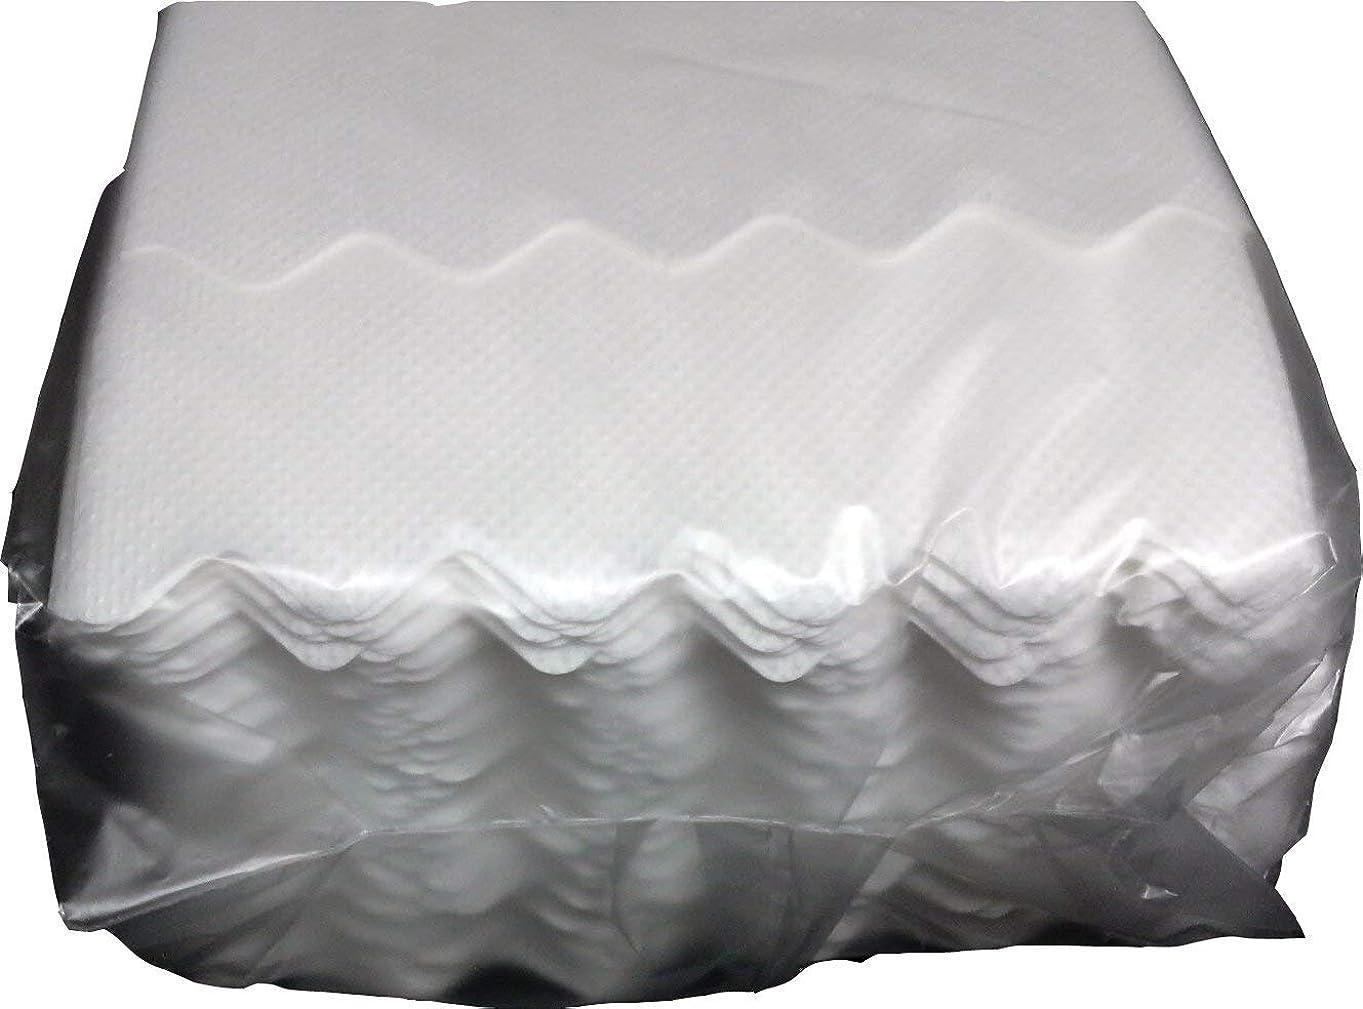 おしゃれじゃない容器失敗ペーパーナプキン 6折タイプ紙ナプキン (波形)10000枚箱入(100枚パック入×100P入)